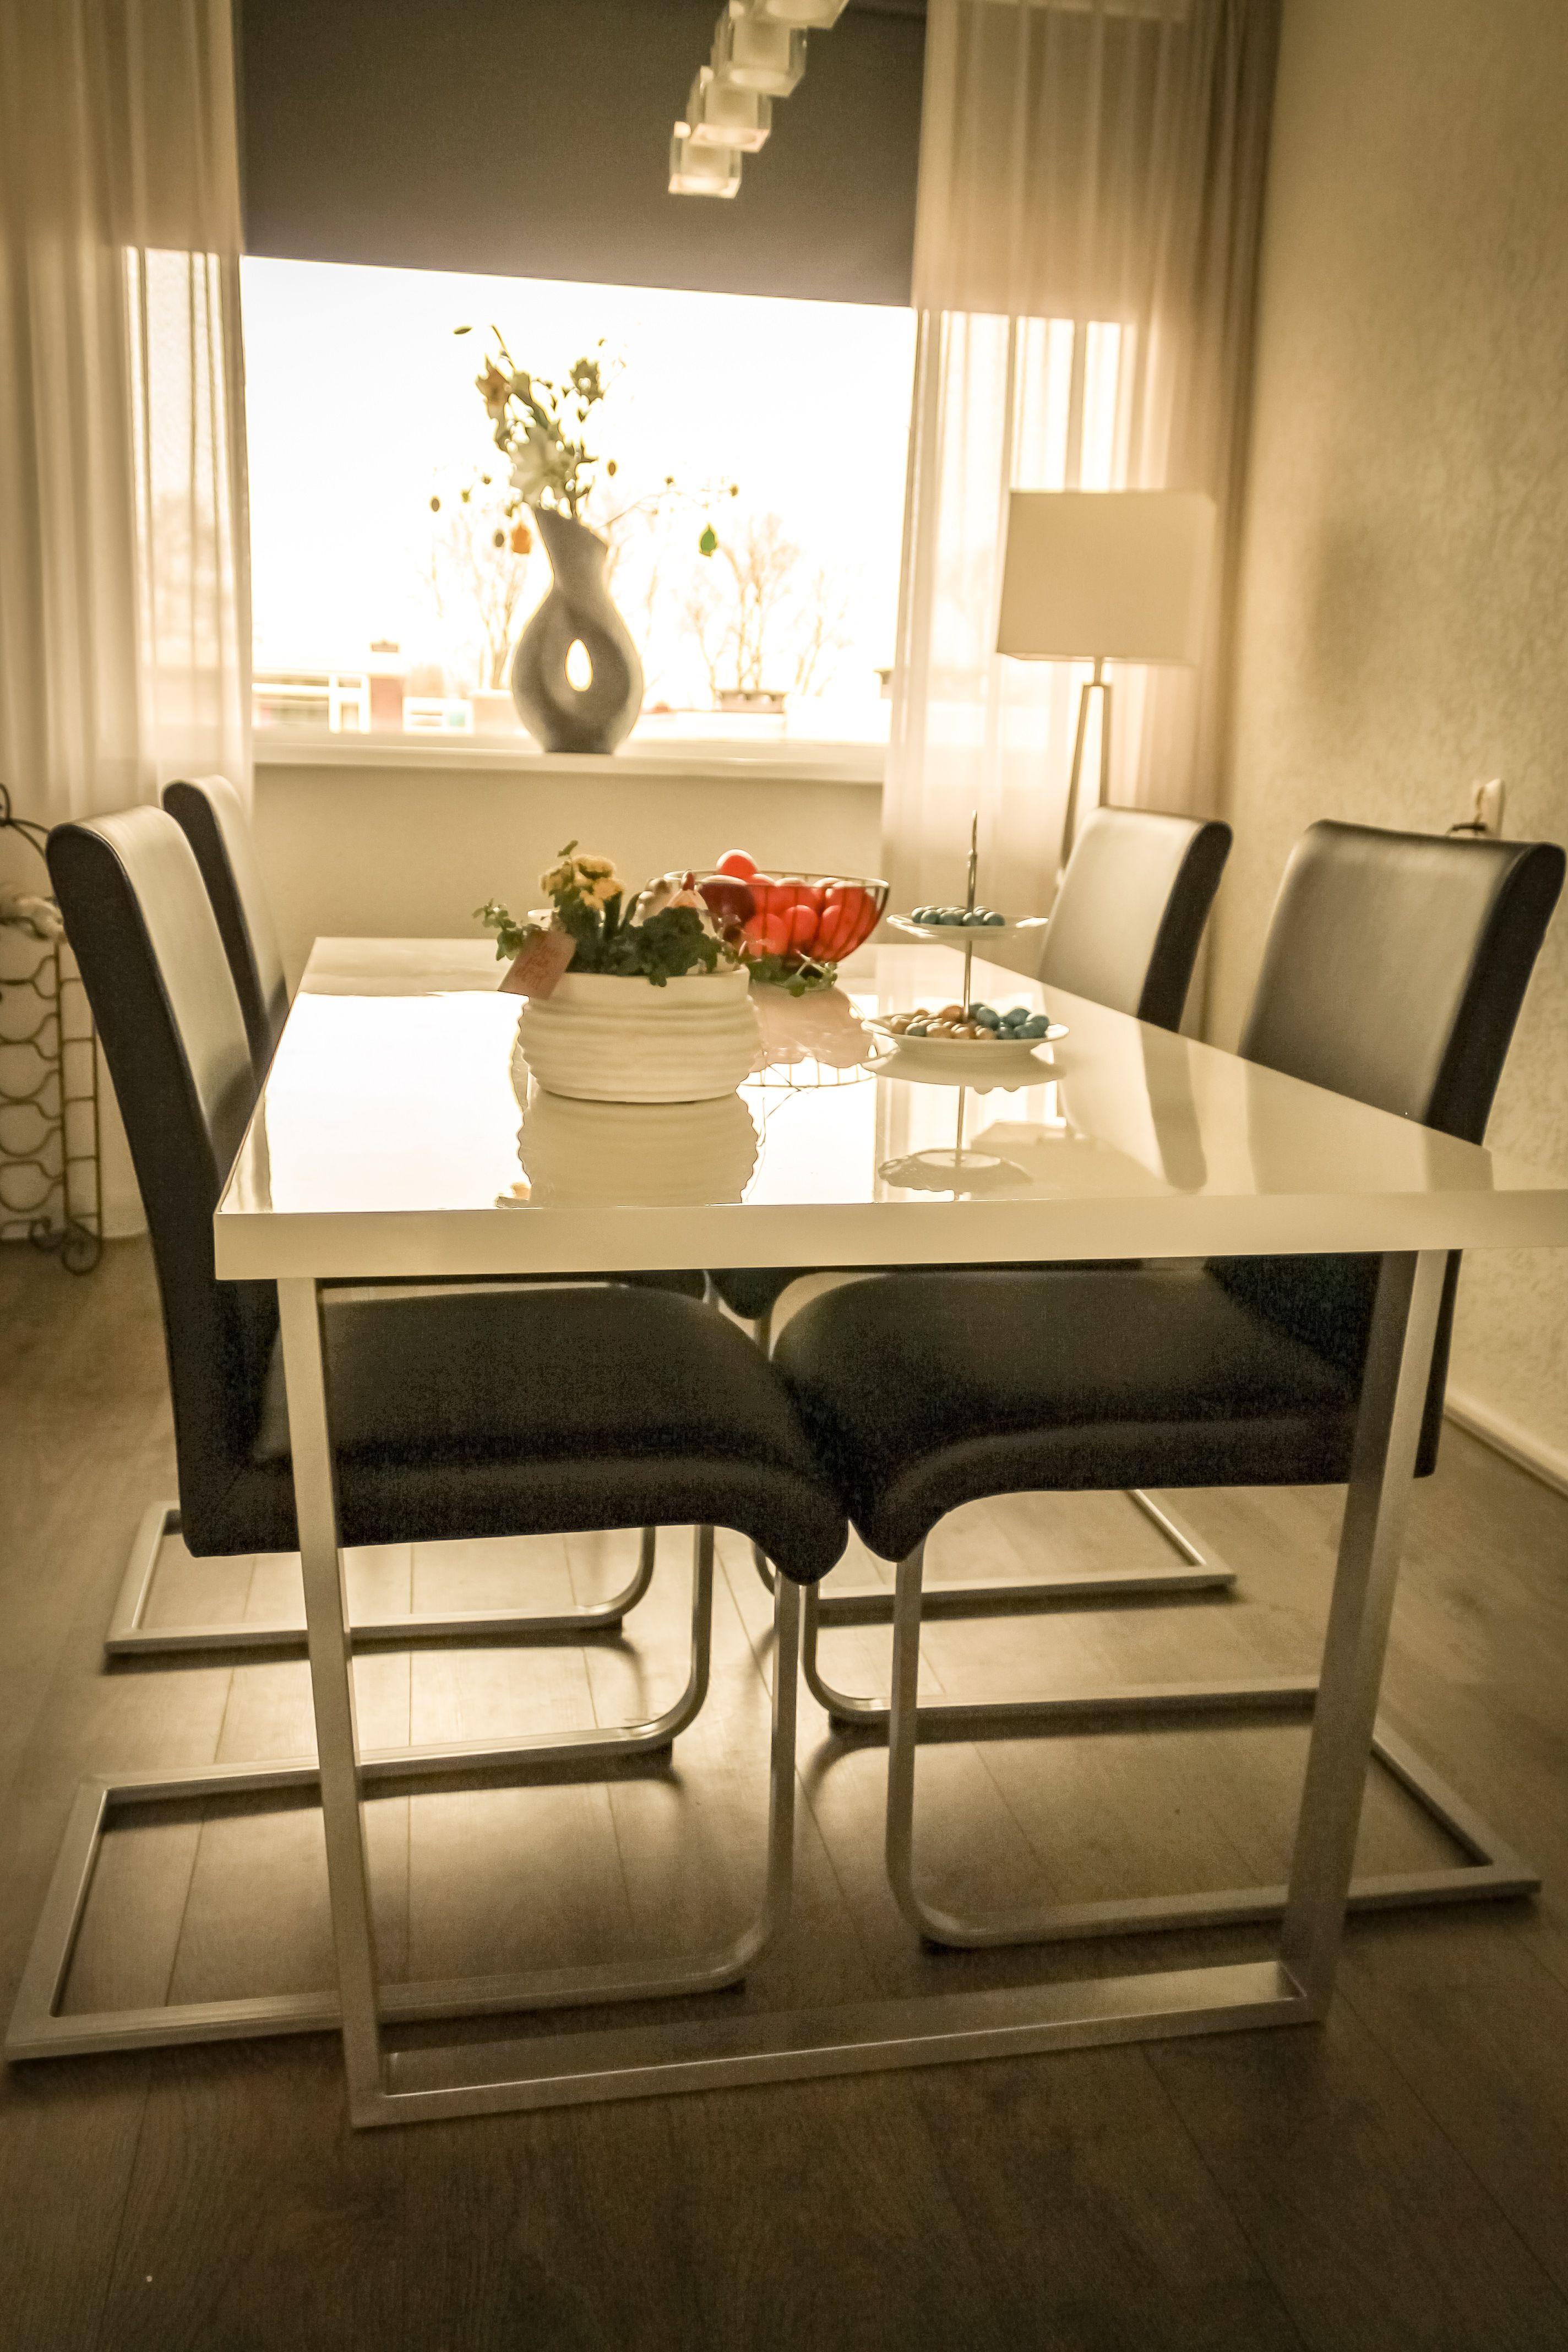 Hoogglans Tafel Met Stoelen.Design Dining Room Hoogglans Witte Tafel Met Zwart Lederen